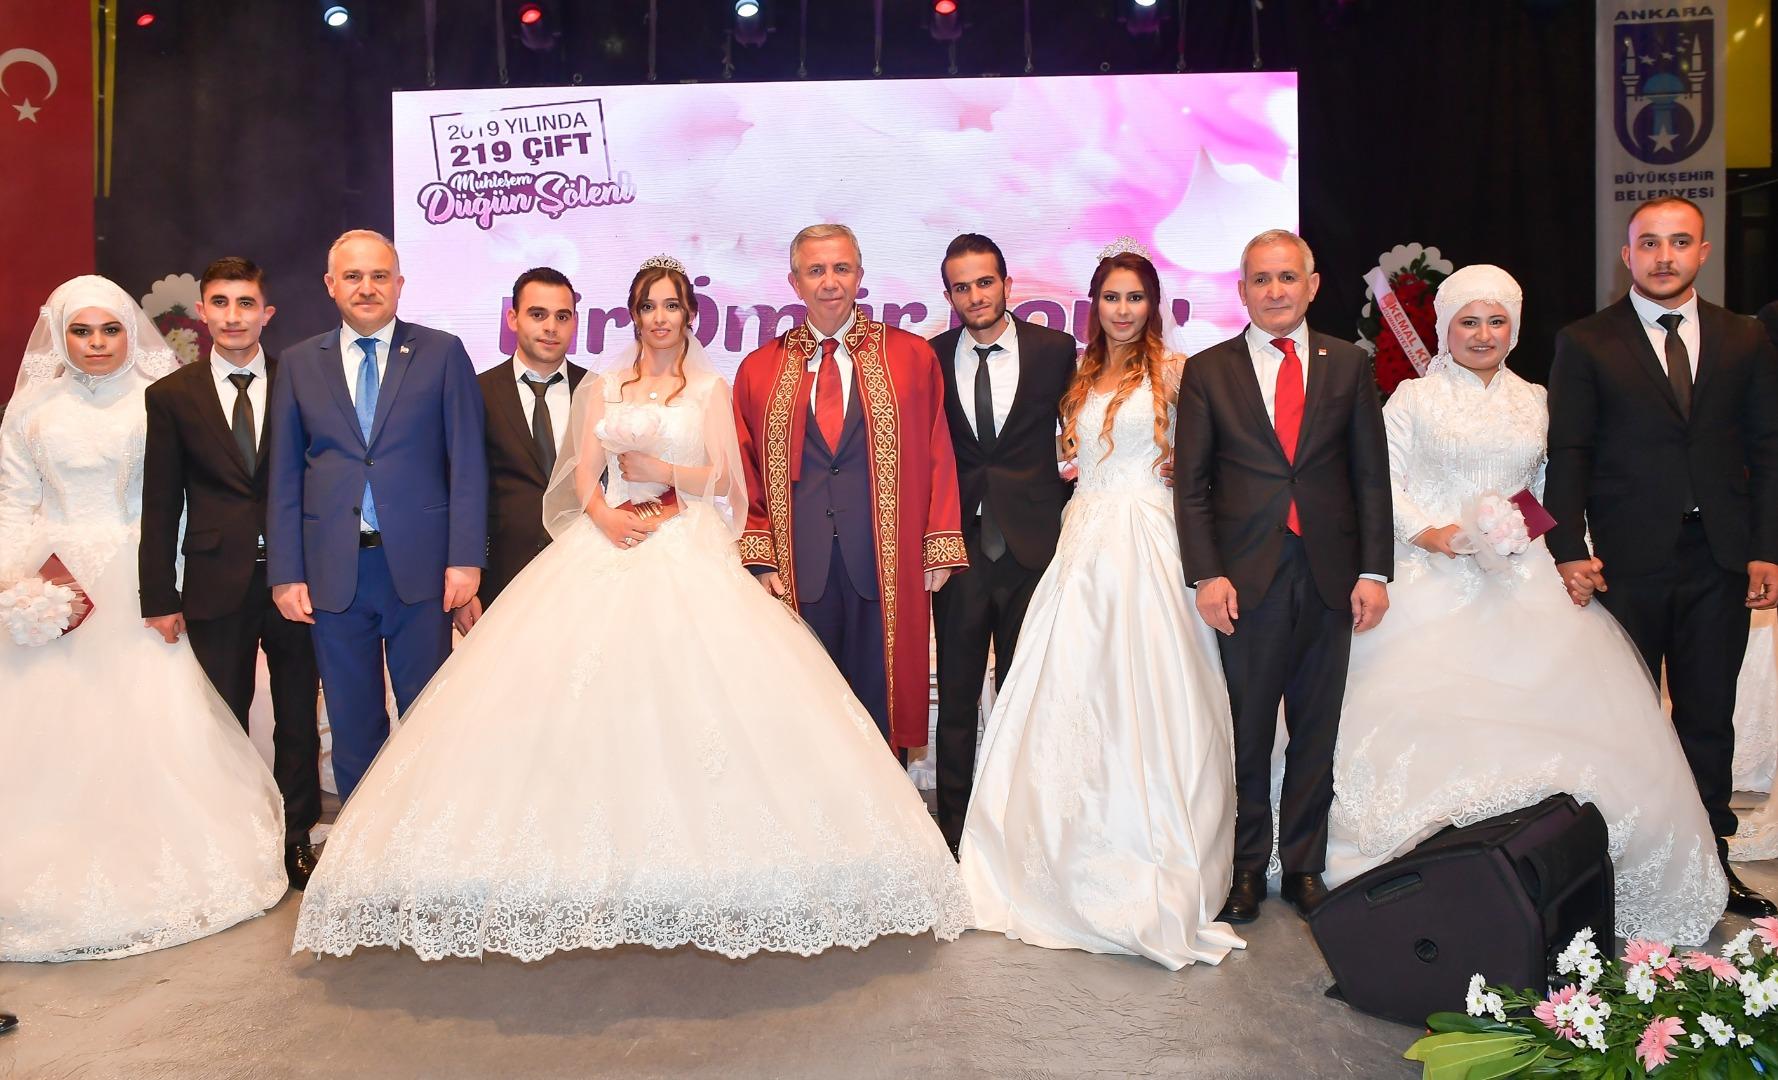 Büyükşehir'den 219 çifte toplu nikah töreni...